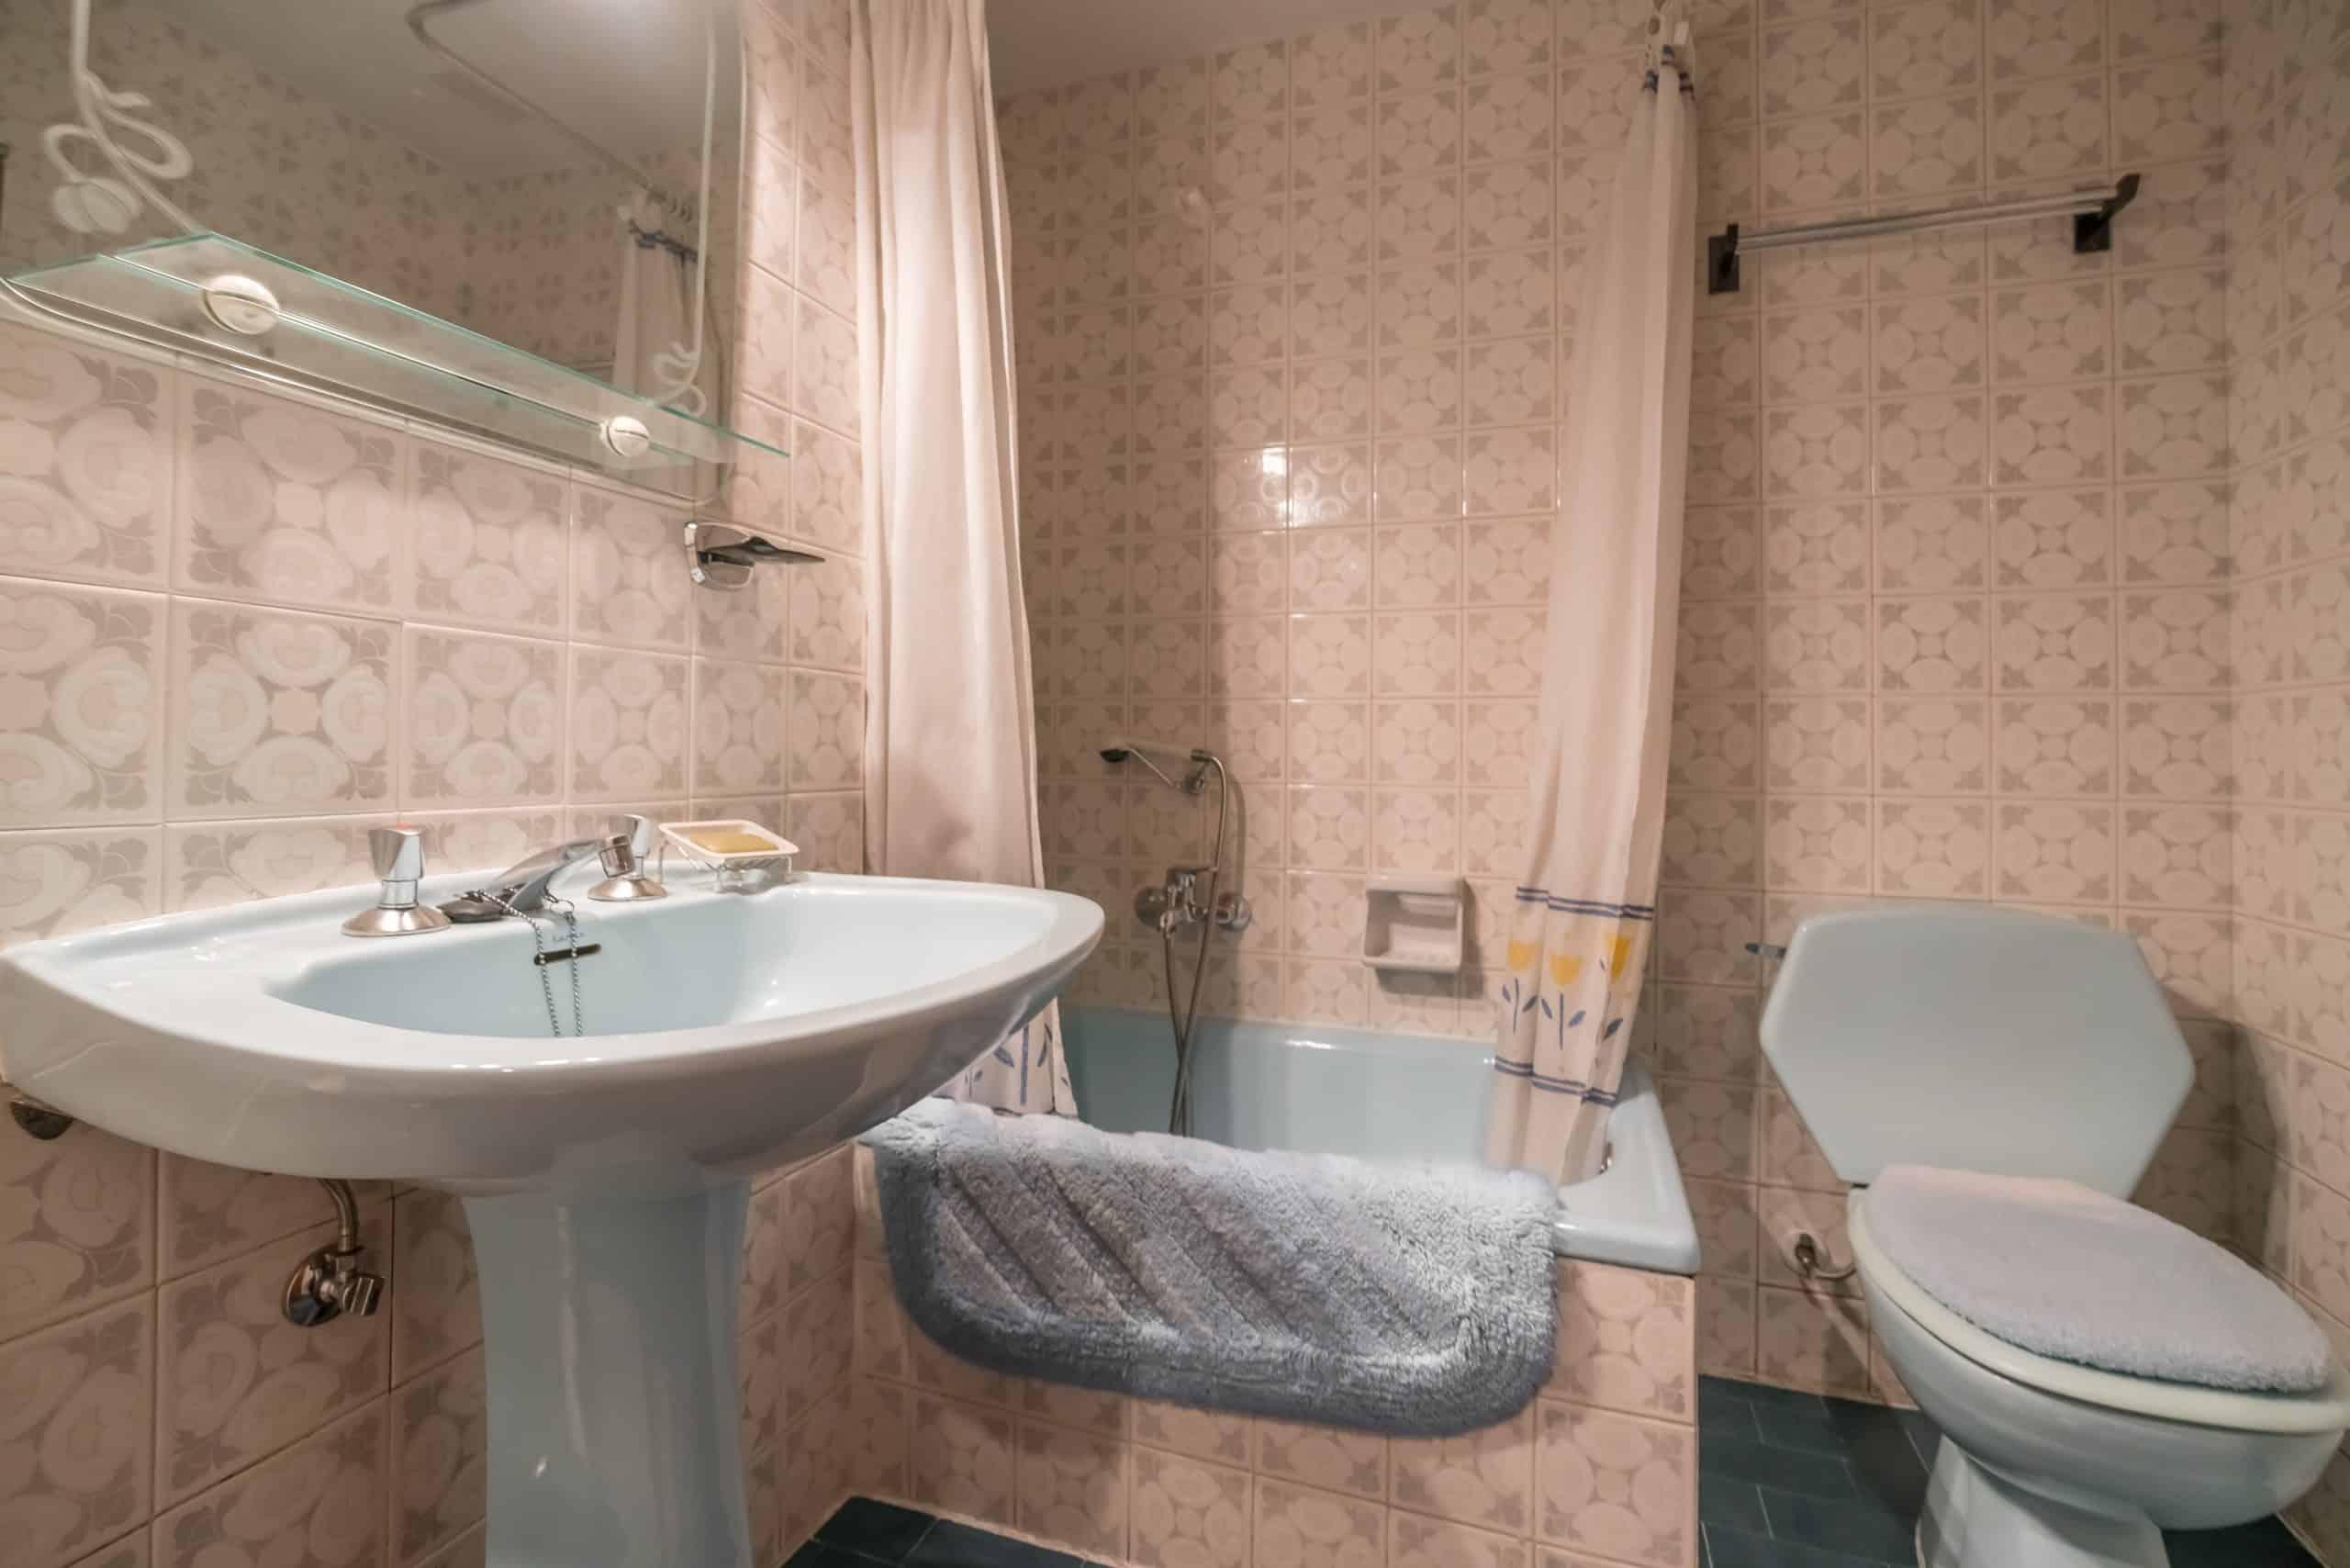 Agencia Inmobiliaria de Madrid-FUTUROCASA-Zona ARGANZUELA-EMBAJADORES-LEGAZPI -calle tomas borras- Baño